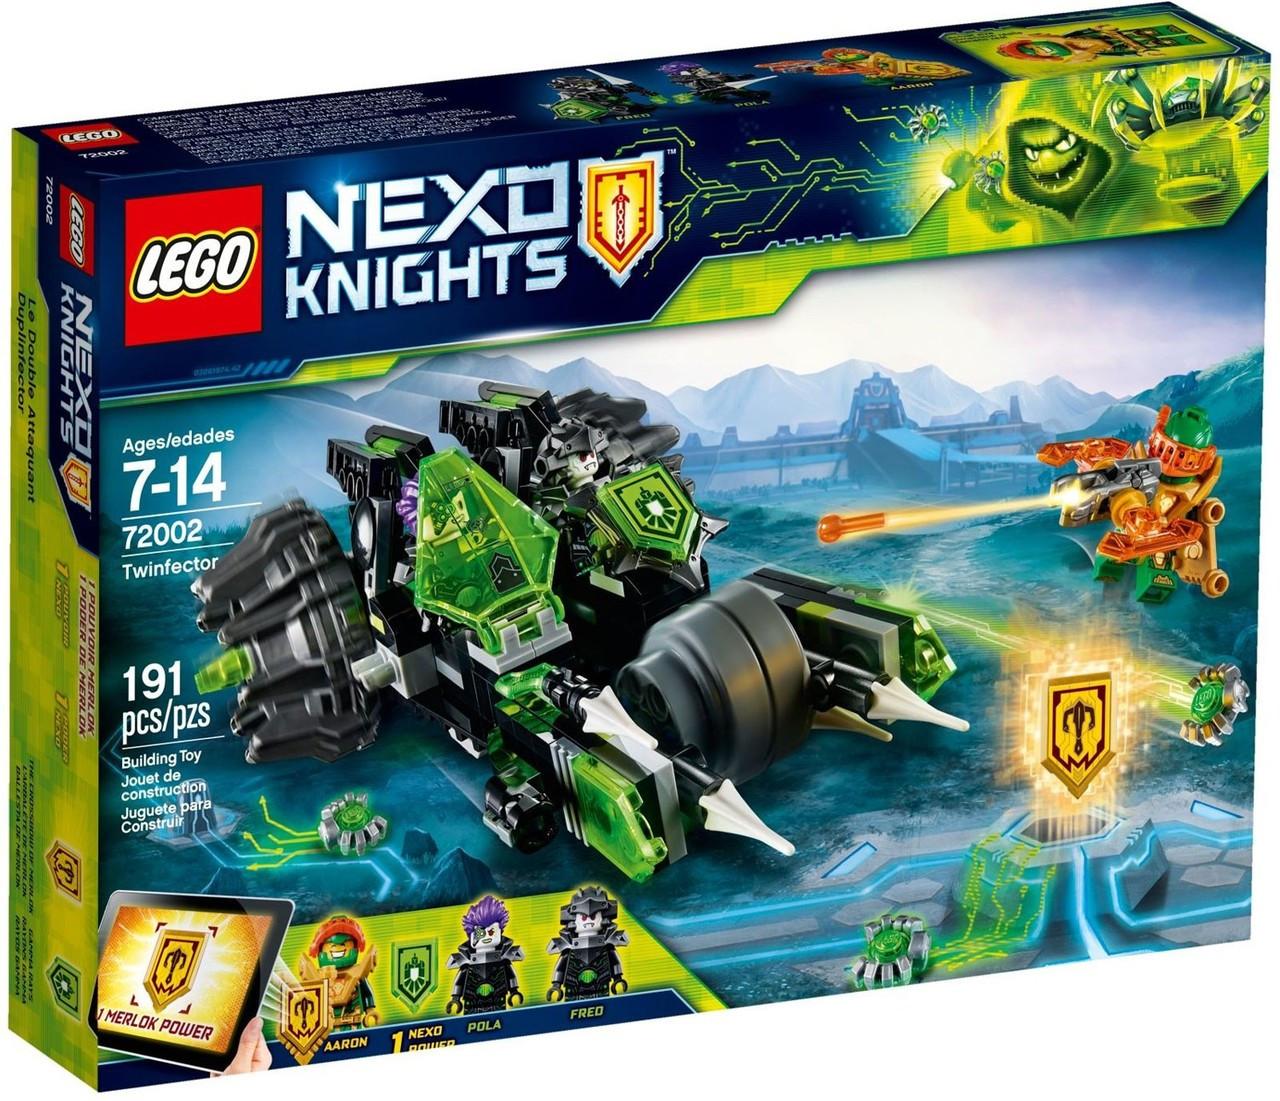 Lego Nexo Twinfector Twinfector Set72002 Lego Lego Set72002 Knights Knights Nexo Nexo Knights CBtsxdhQr